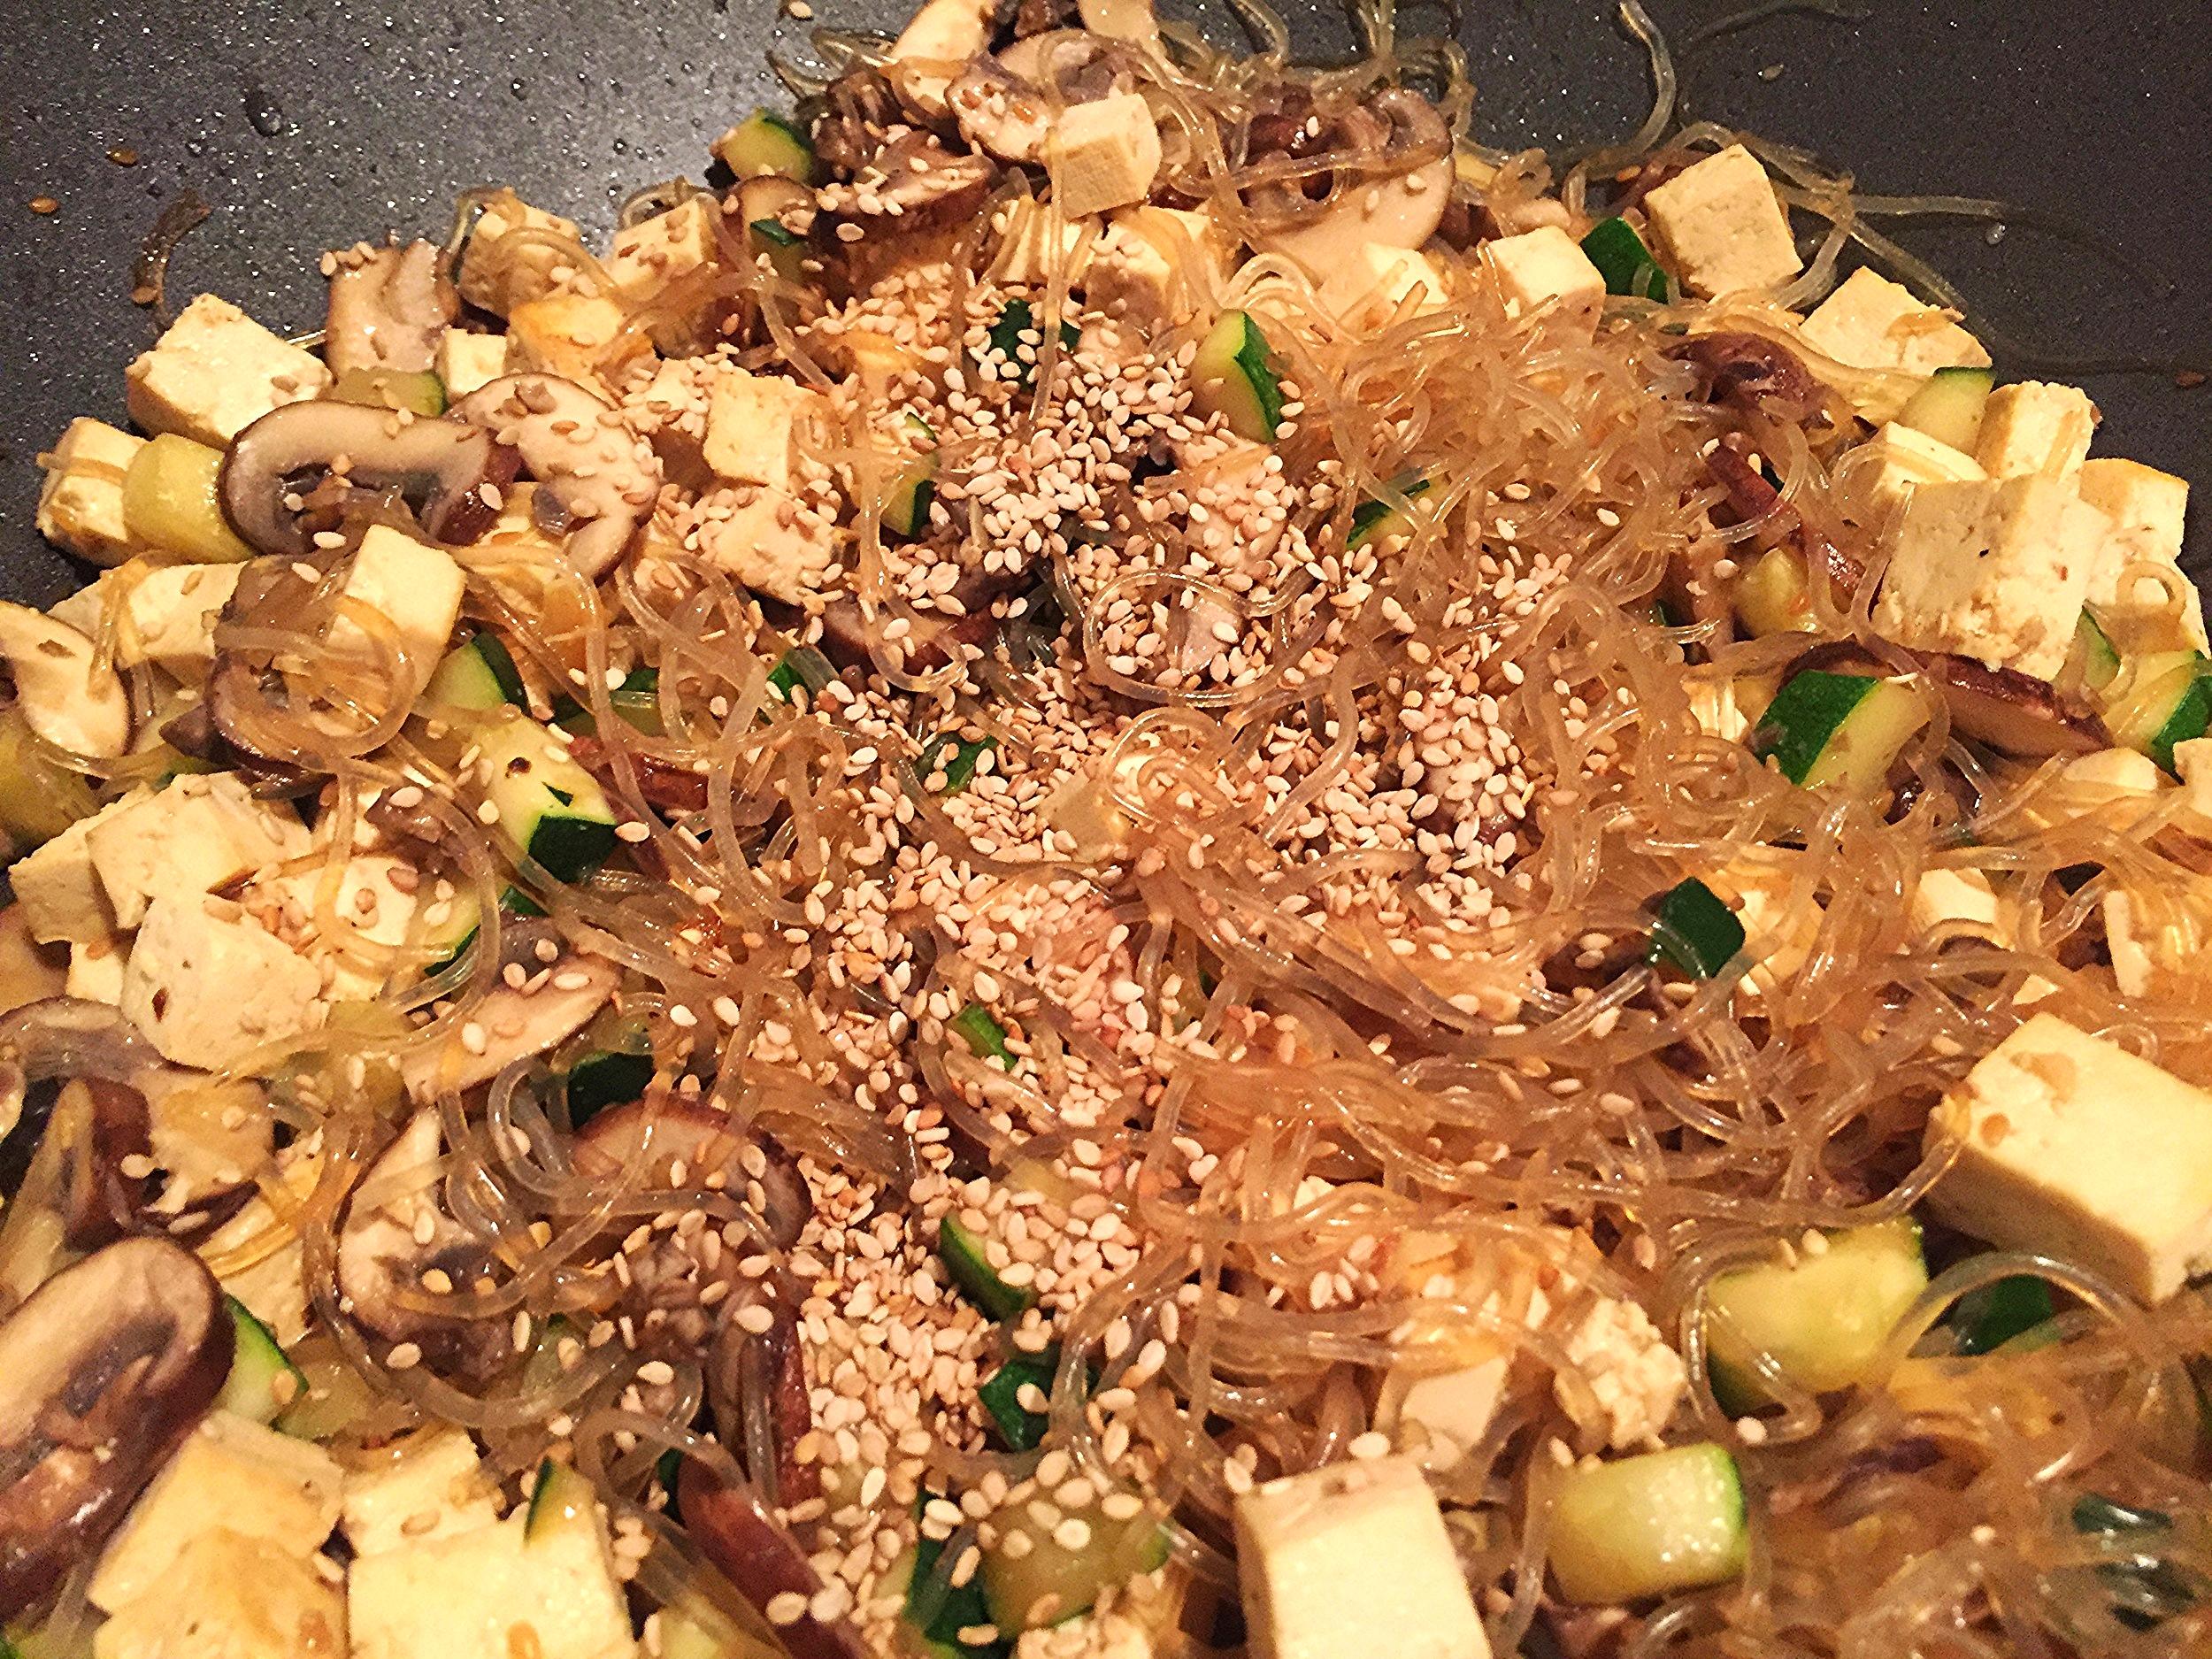 Stir-fried kelp noodles, vegetables and tofu